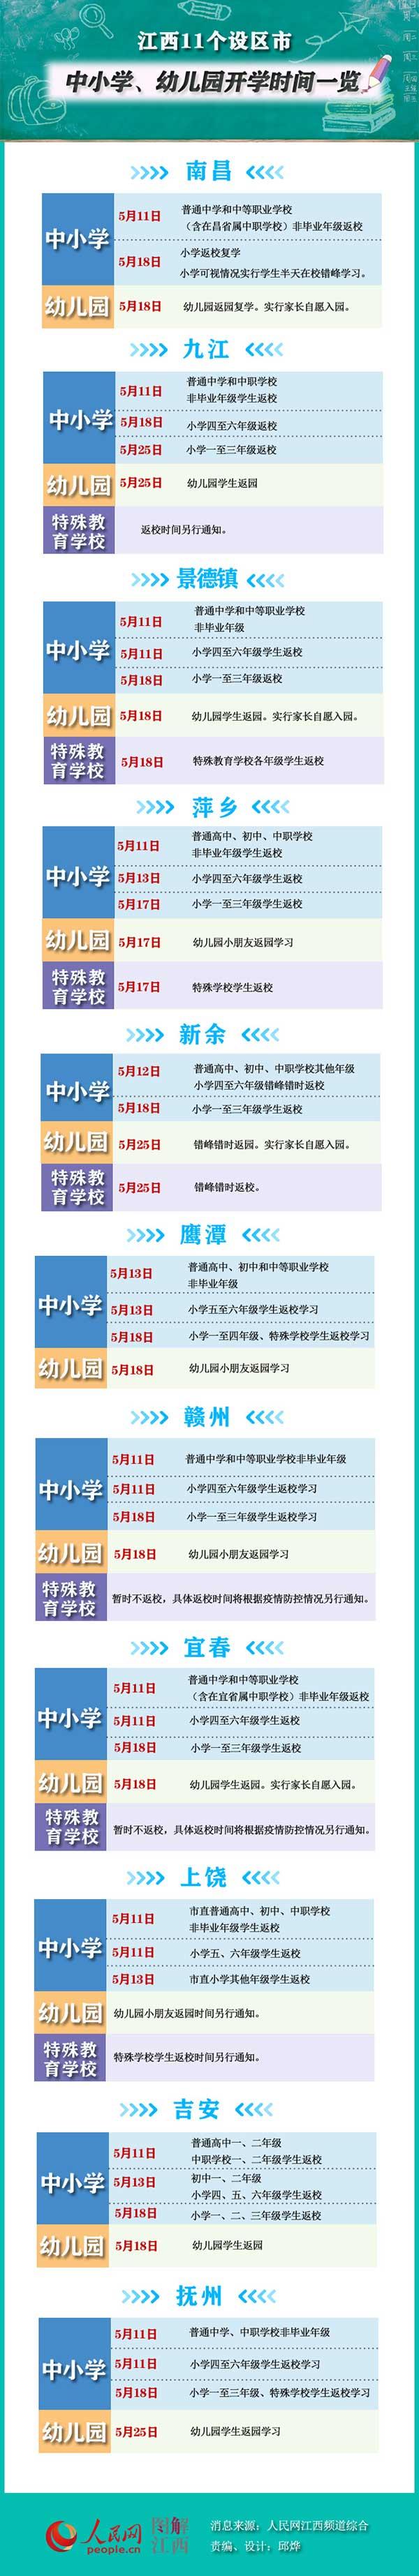 江西11个设区市中小学幼儿园开学时间表